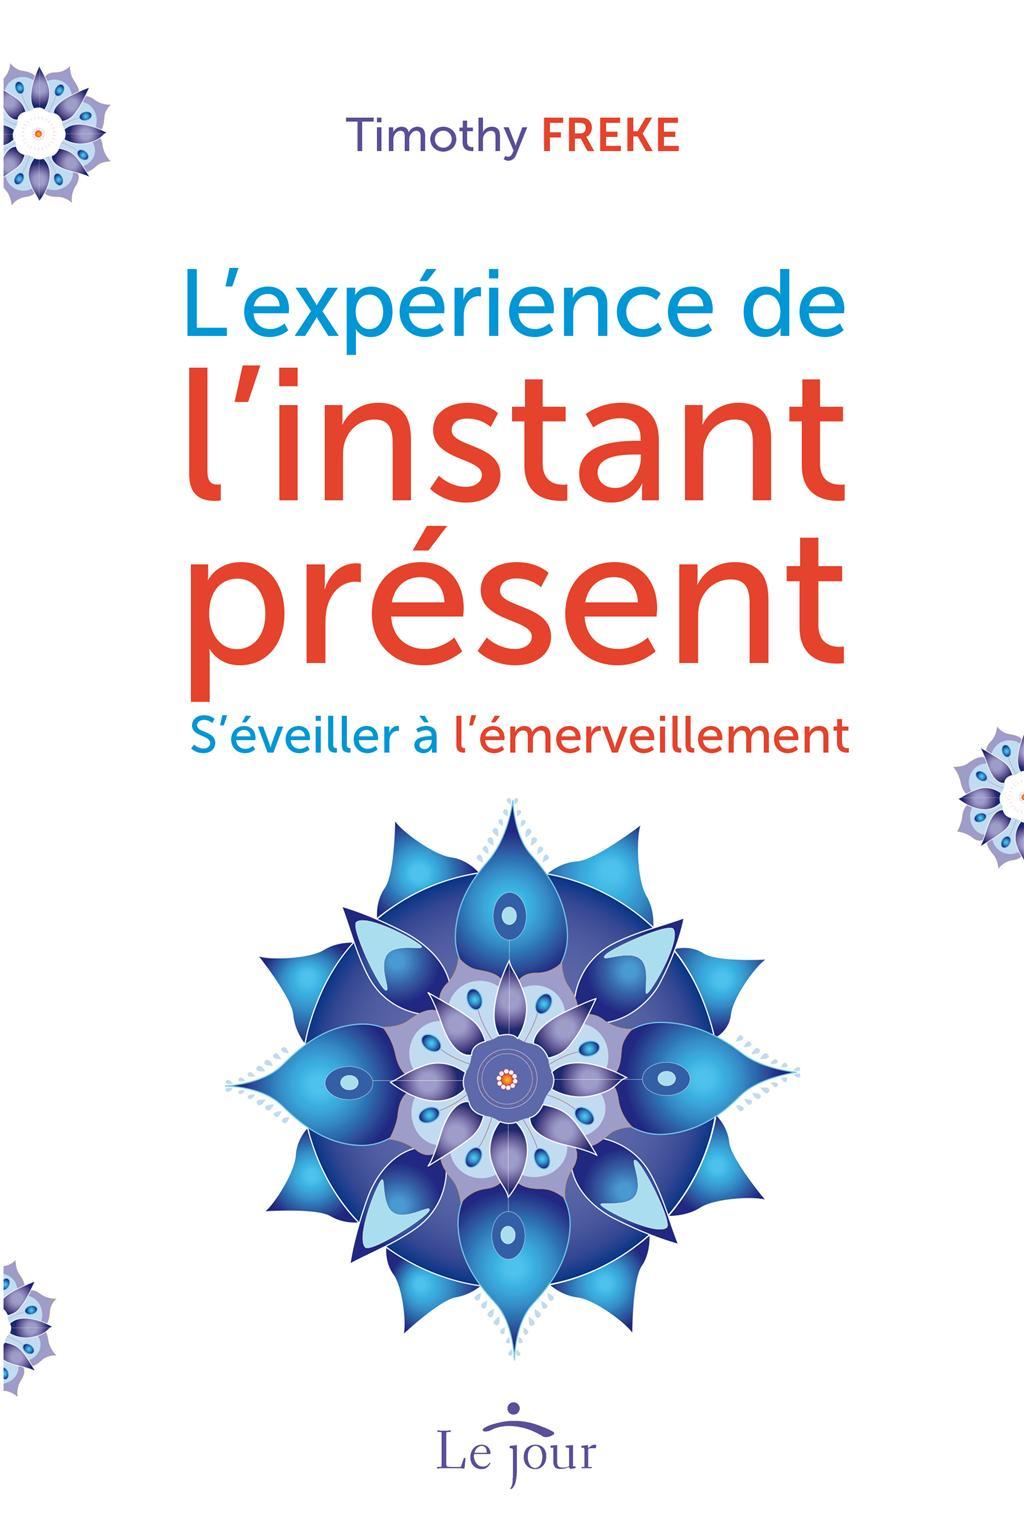 L'expérience de l'instant présent